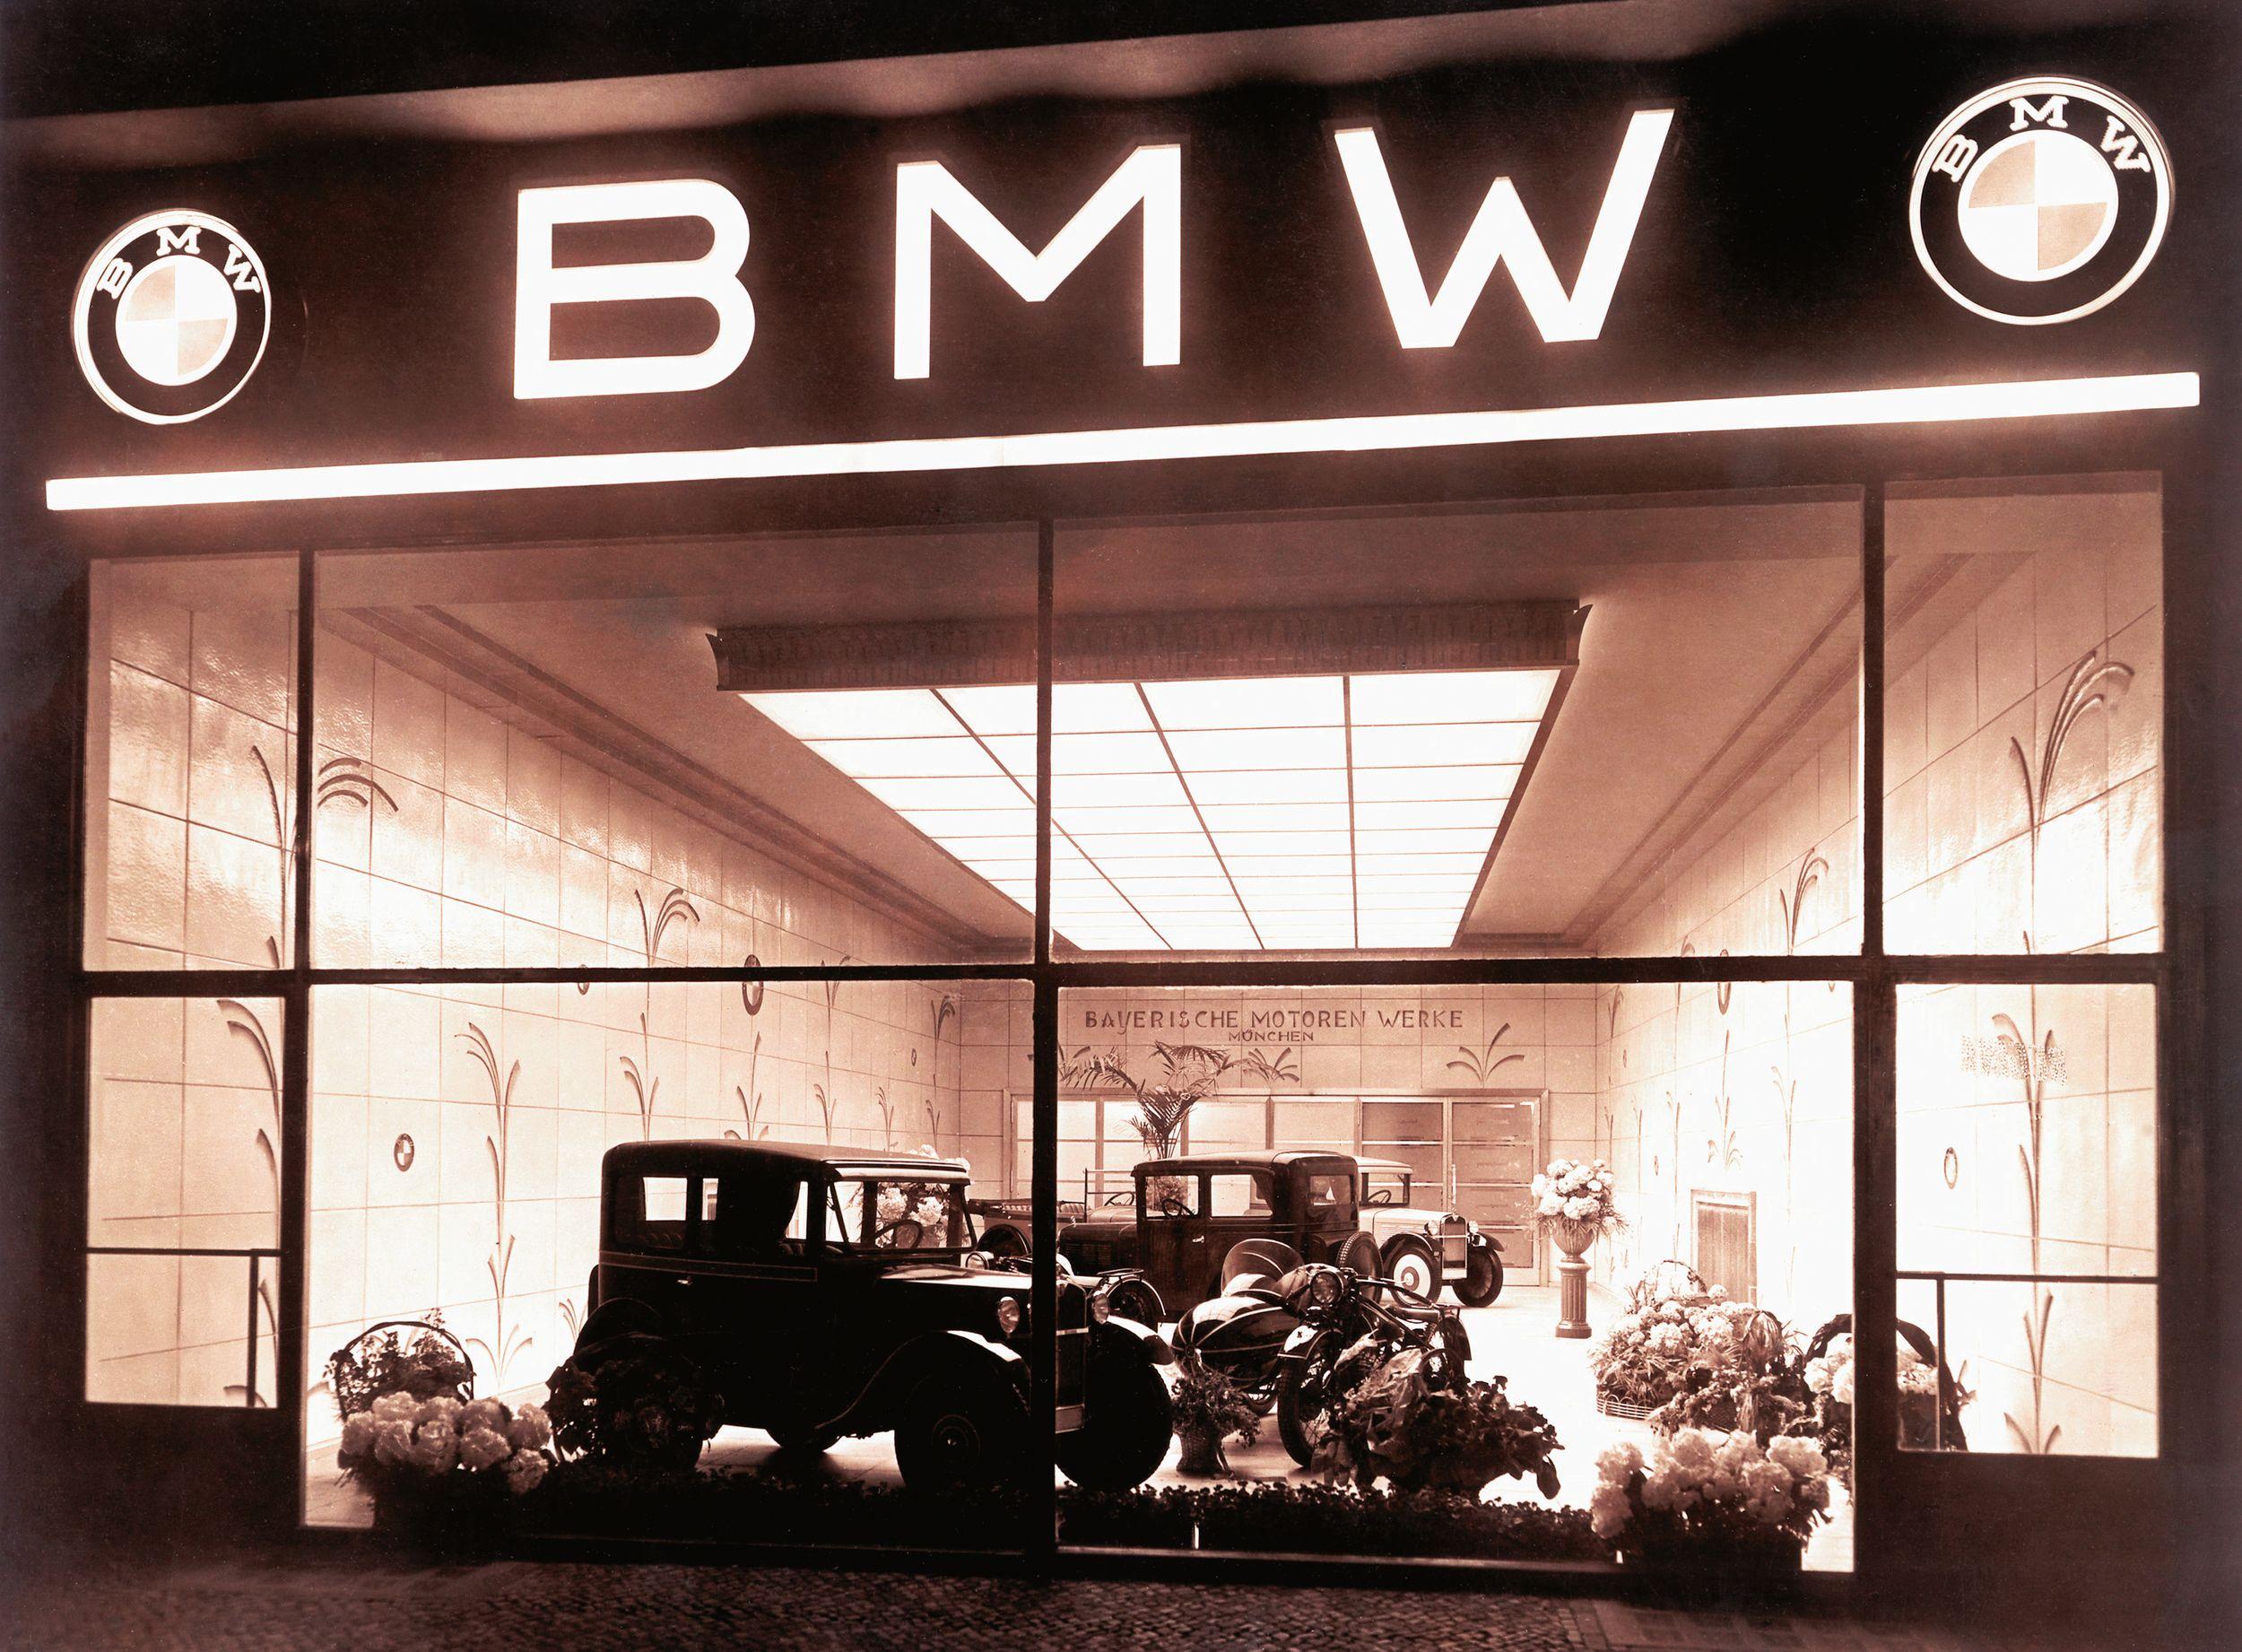 bmw ne üretiyordu